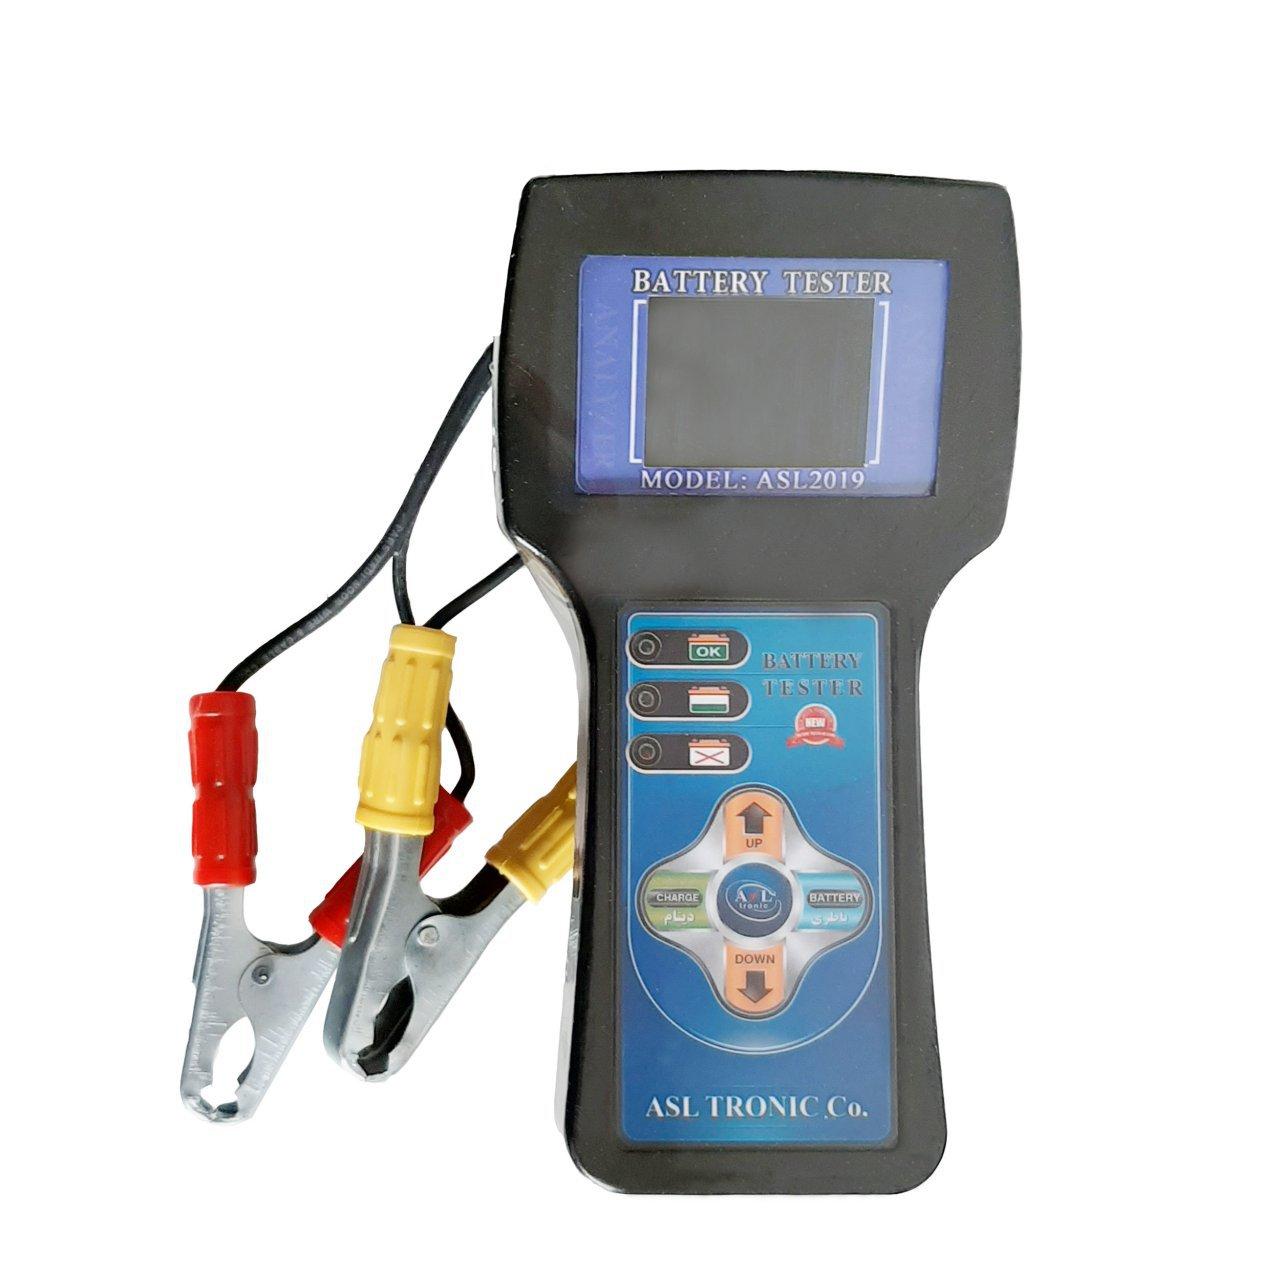 دستگاه تست باتری و دینام اصلترونیک مدل ASL2019